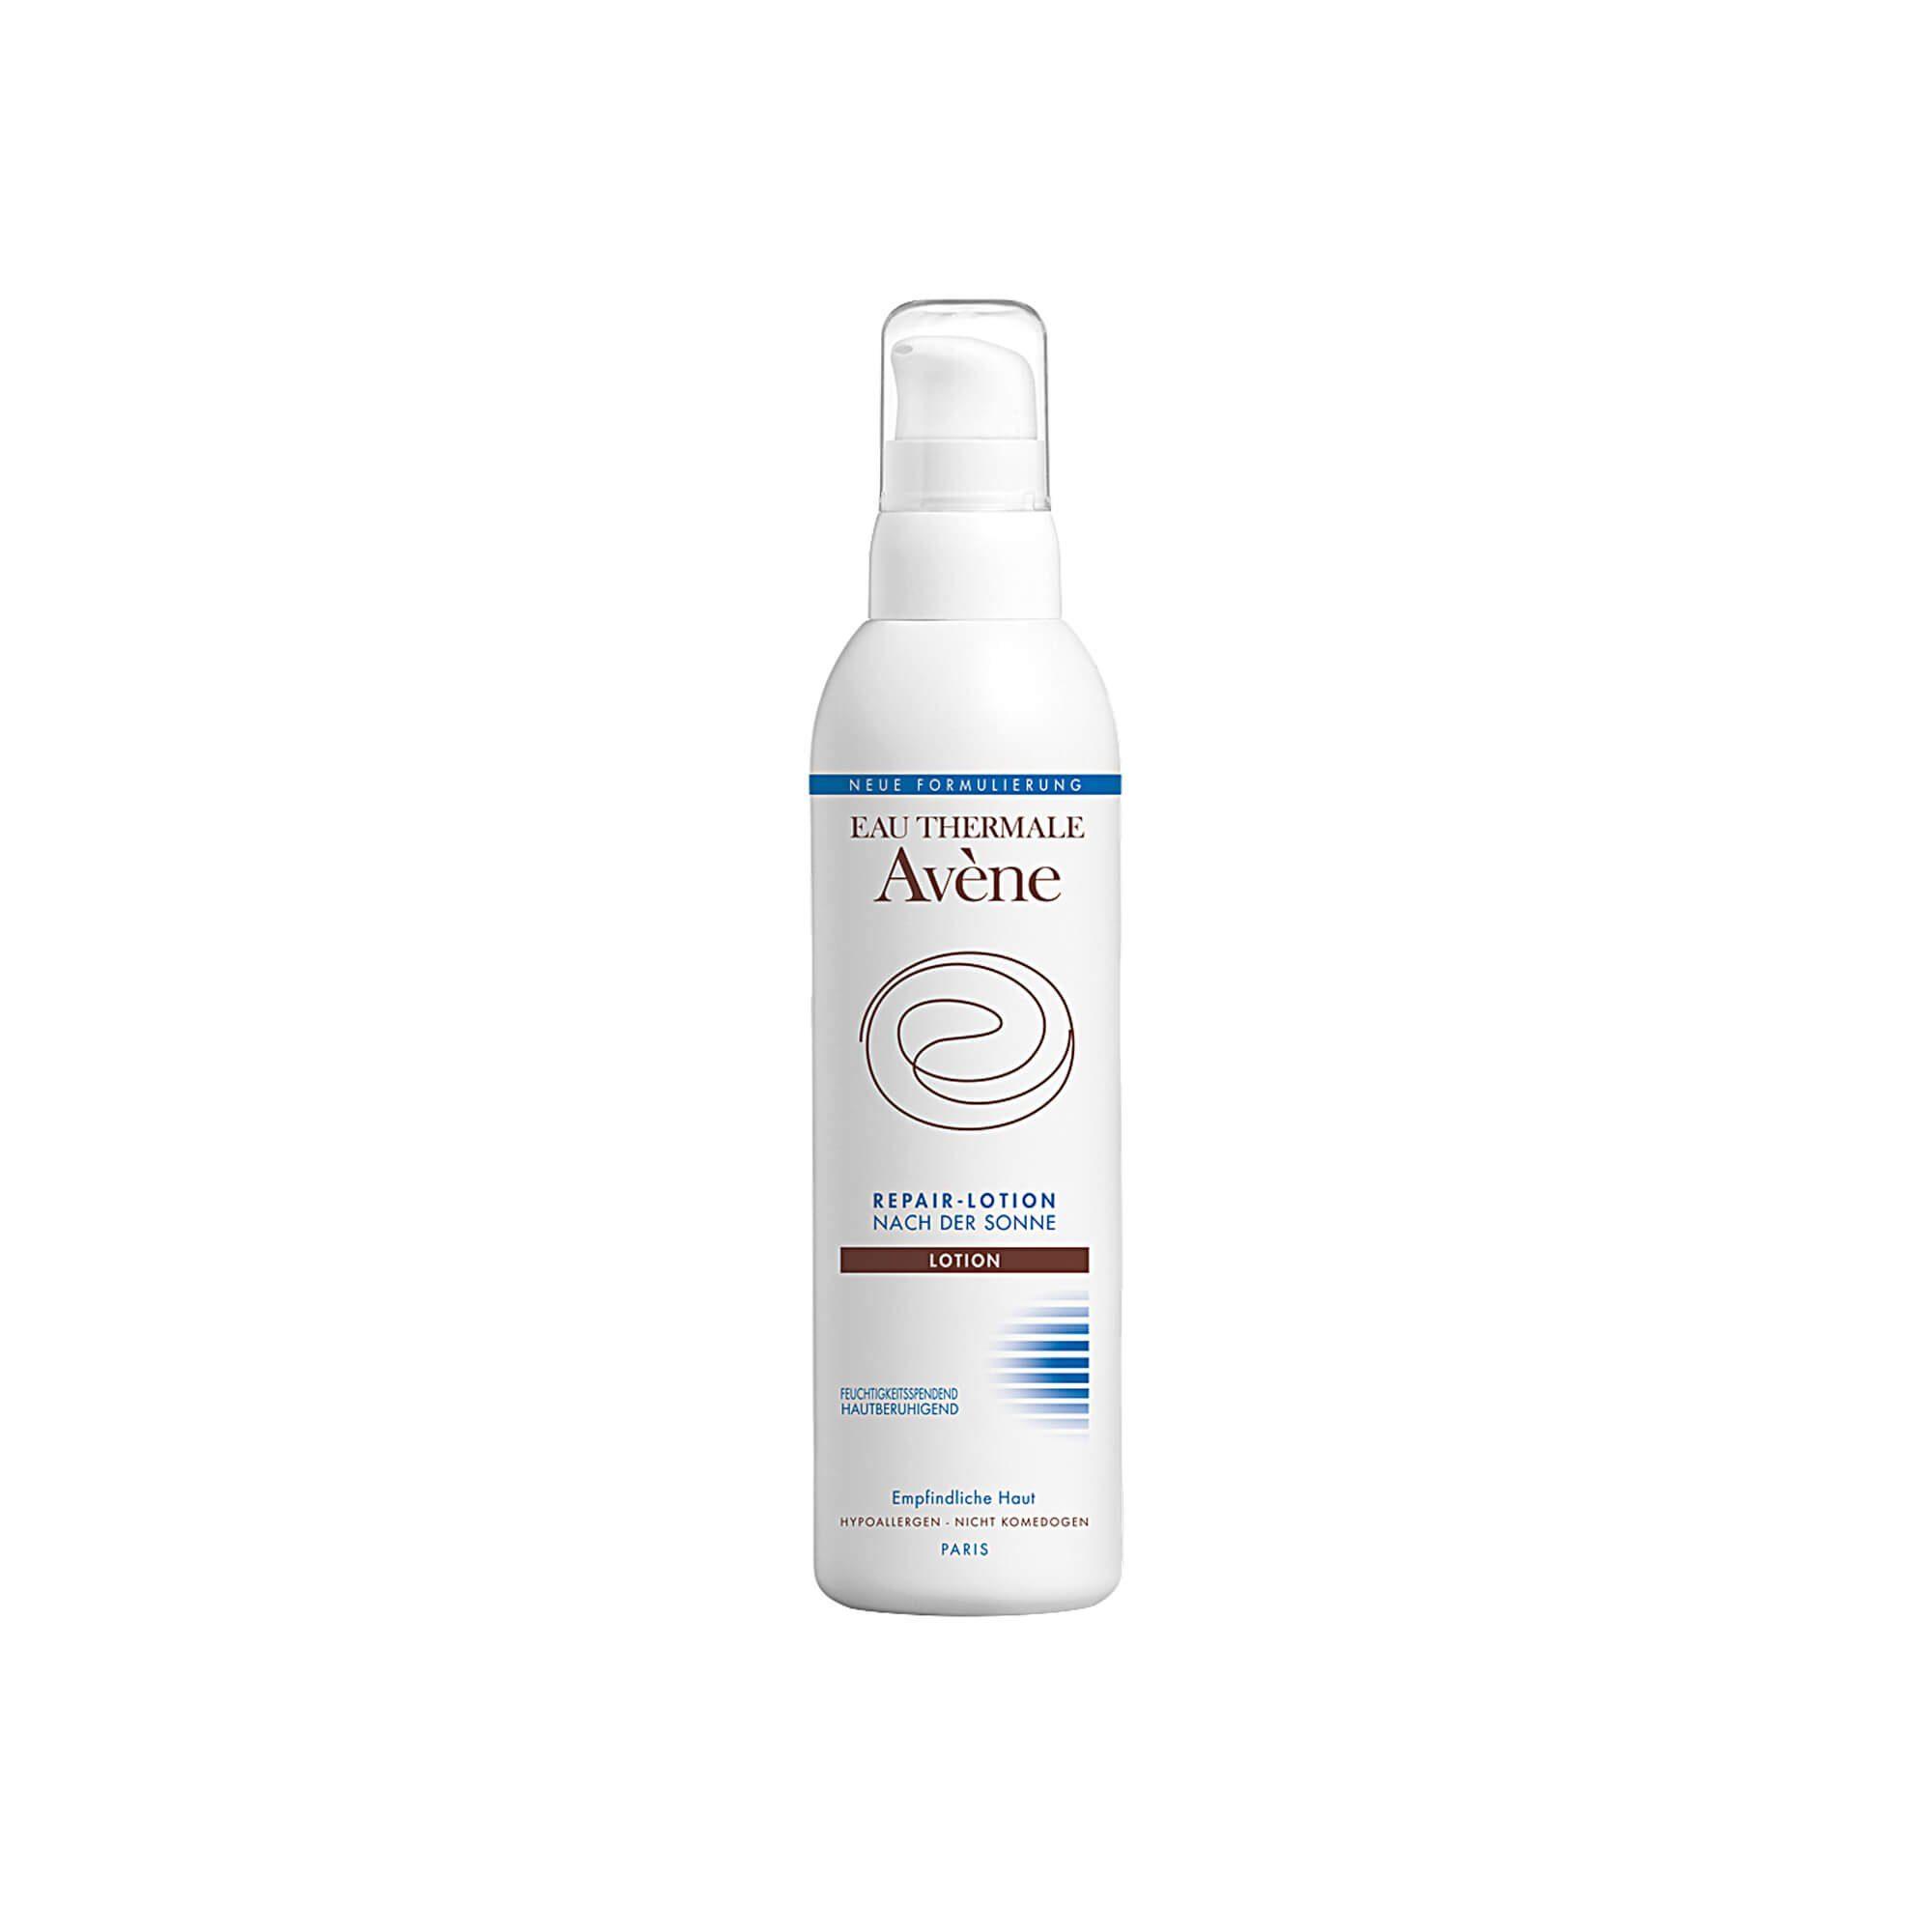 Avene Avene Repair-Lotion nach der Sonne, 200 ml